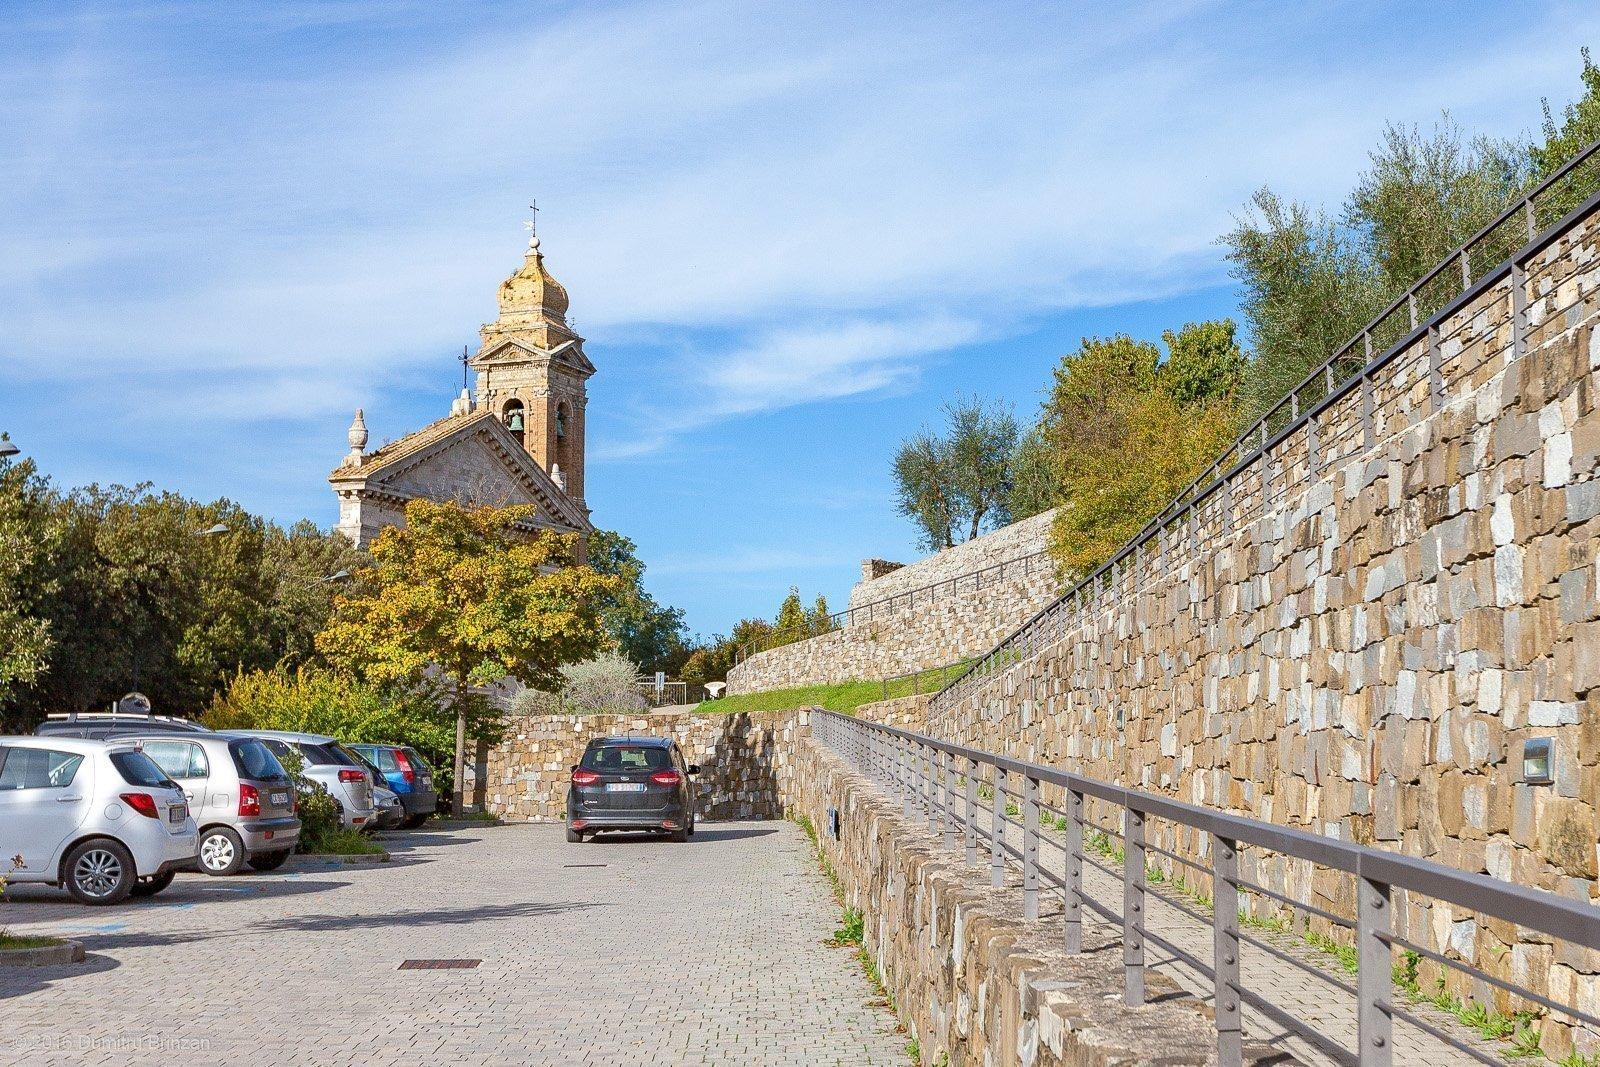 2016-montalcino-tuscany-italy-1-parking